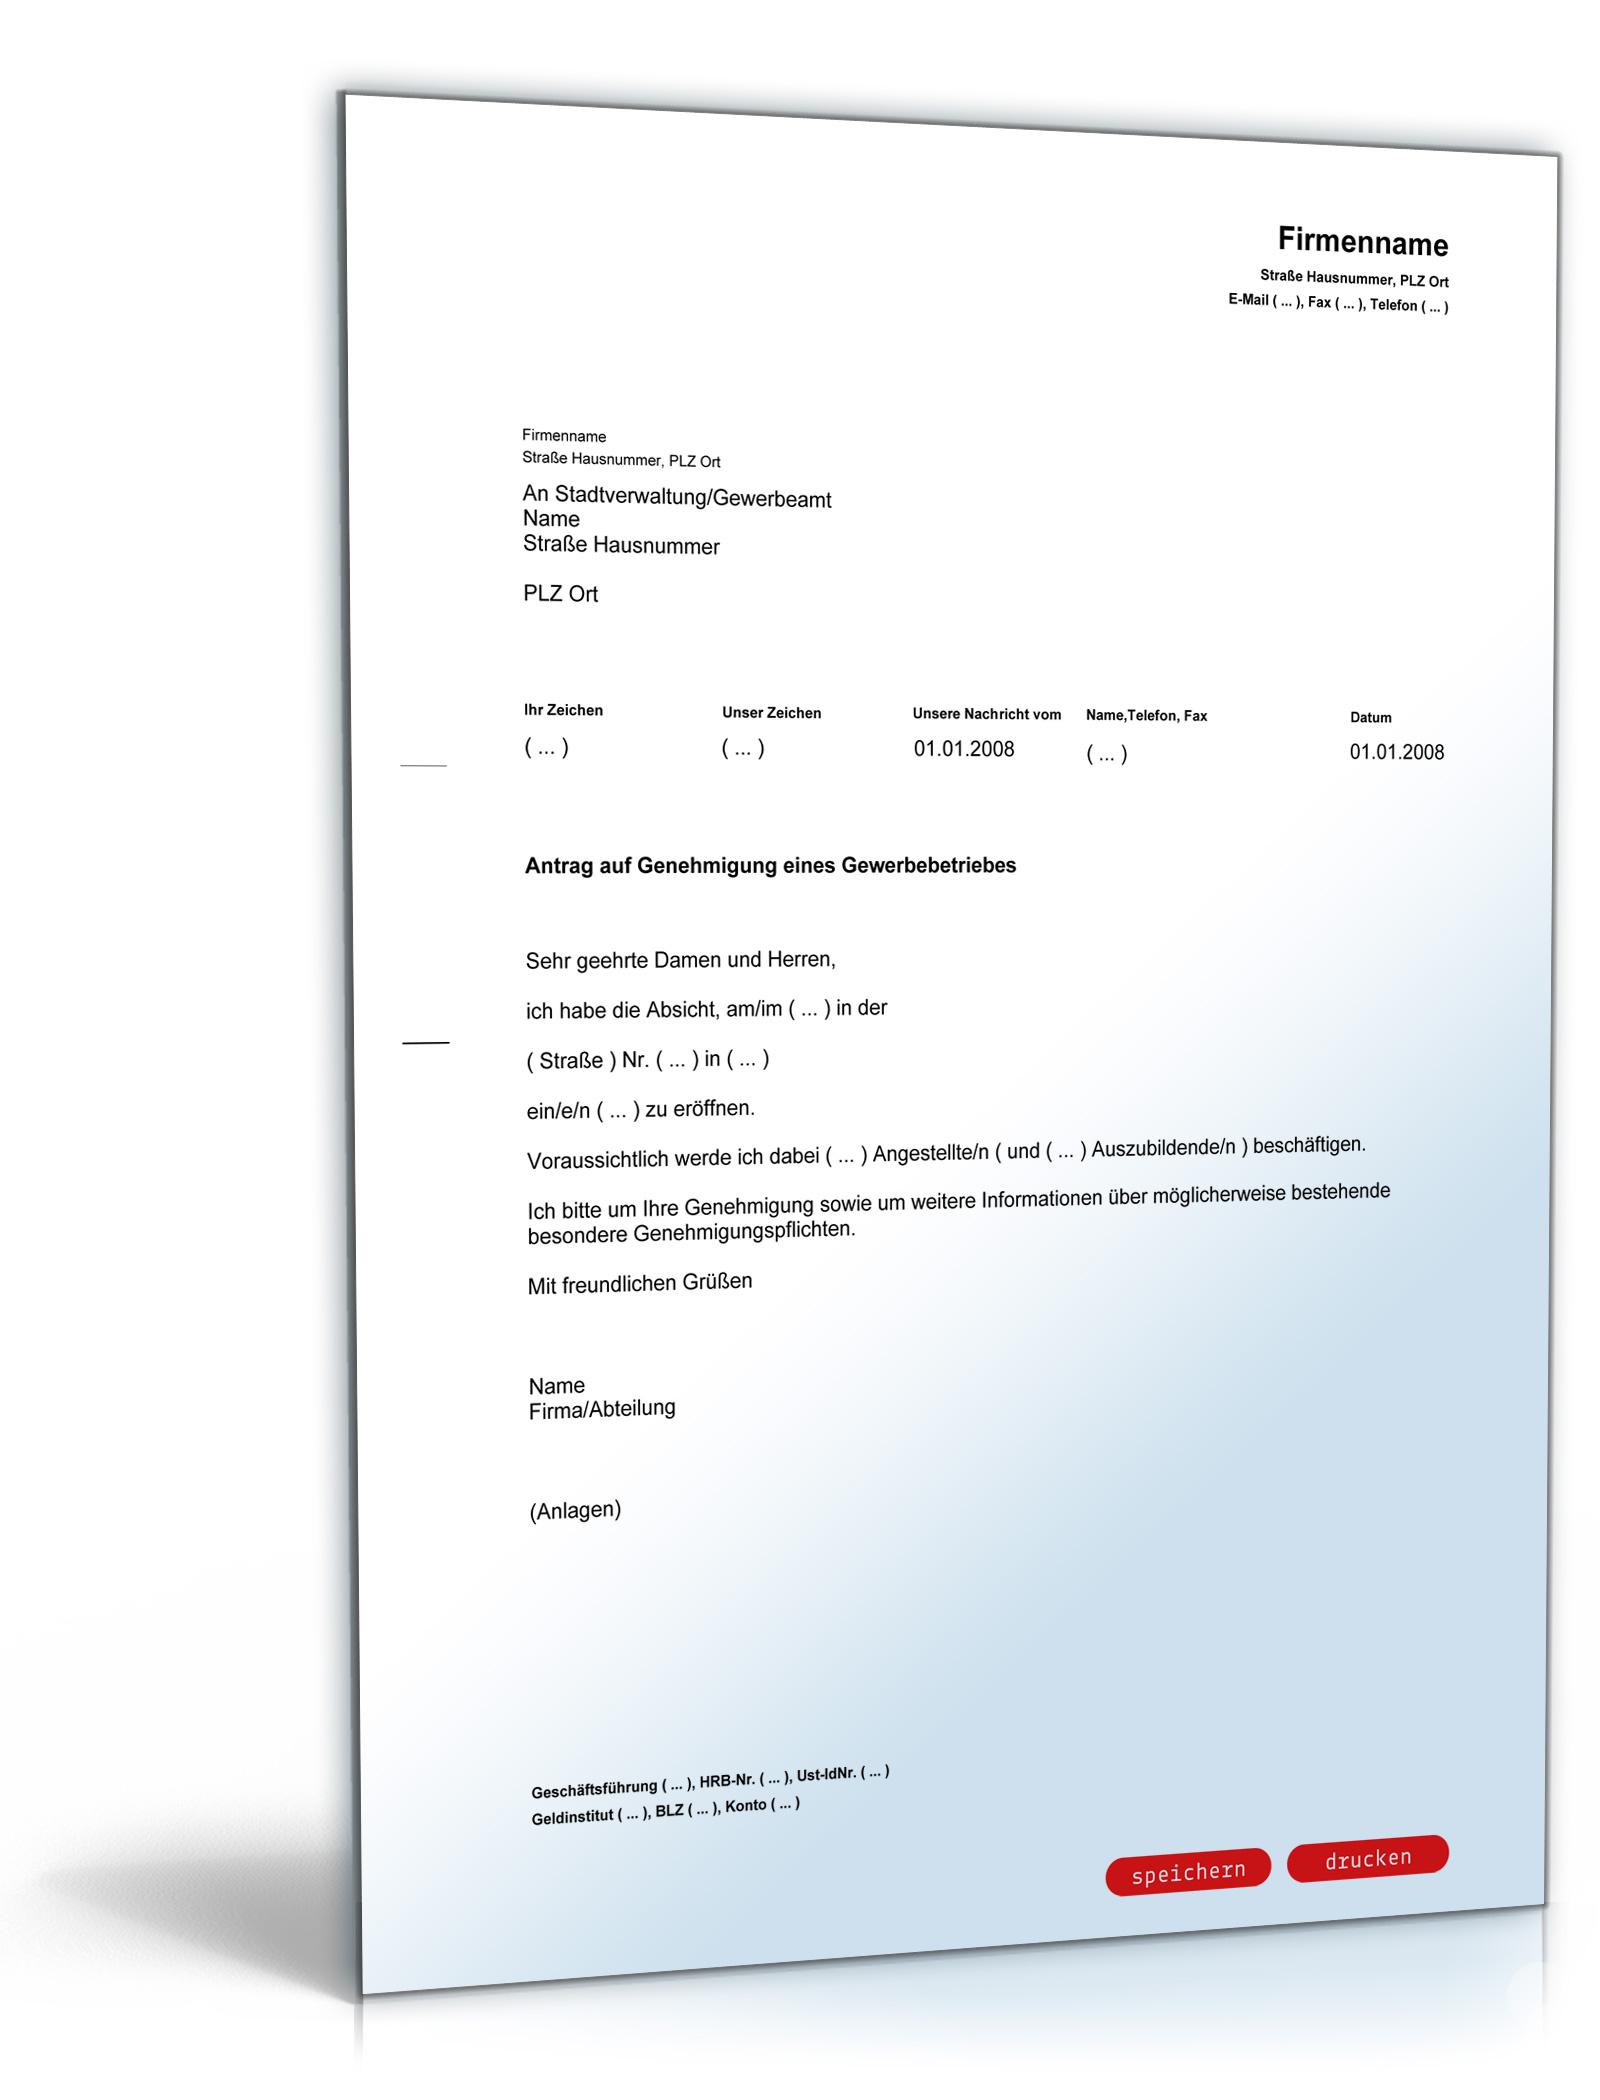 Antrag auf Genehmigung eines Gewerbebetriebes